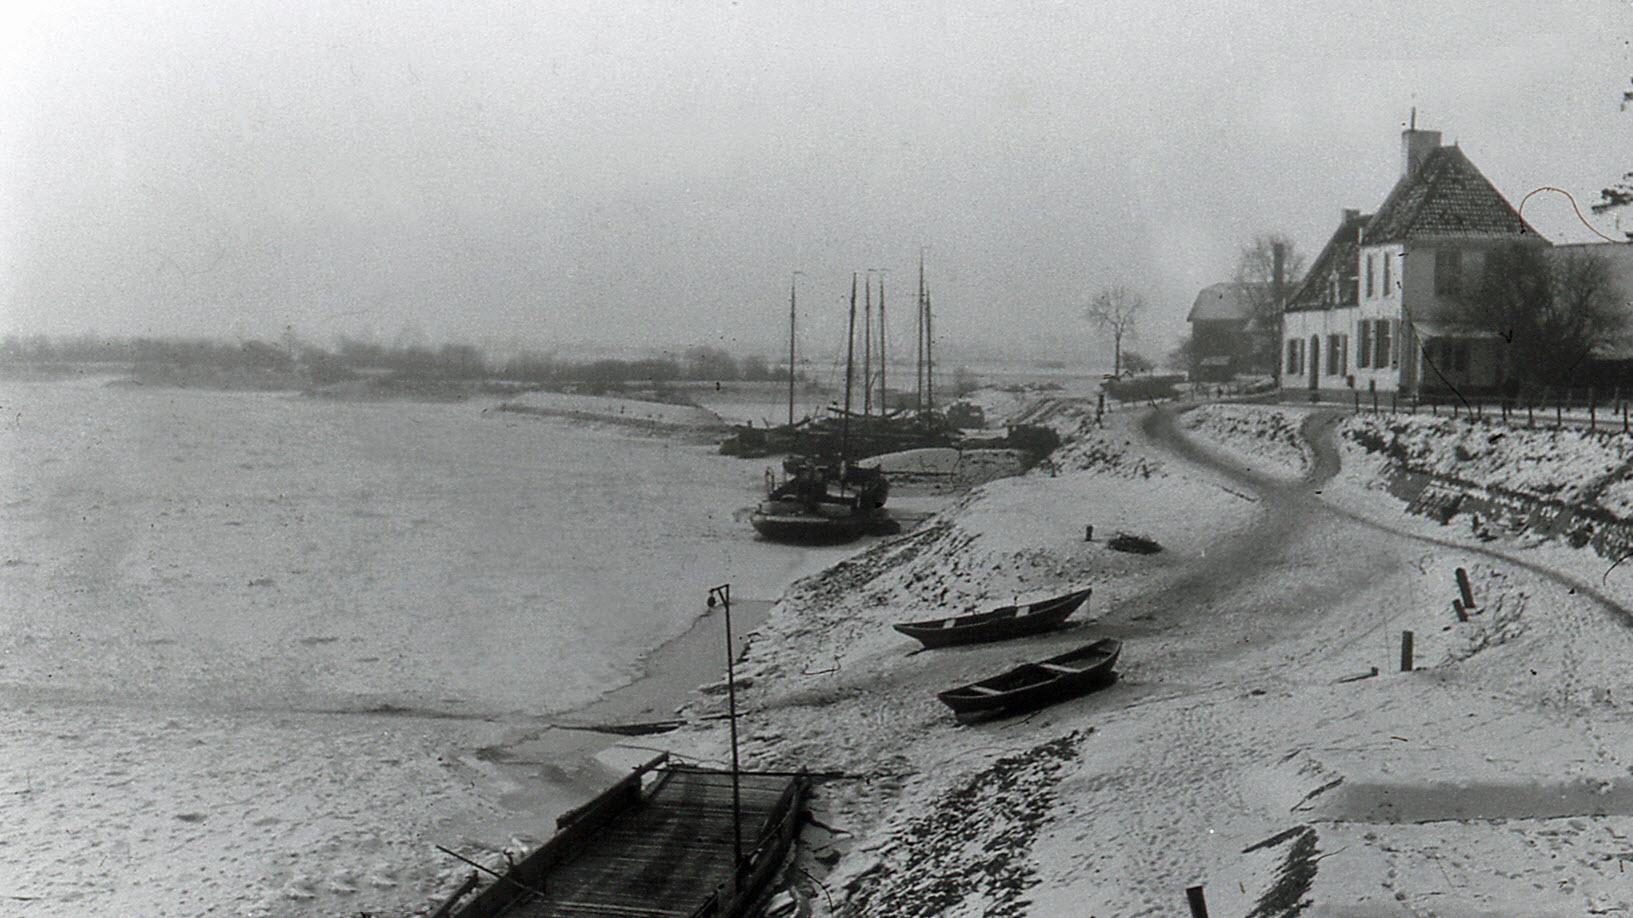 De IJssel dichtgevroren met veerhuis 1929